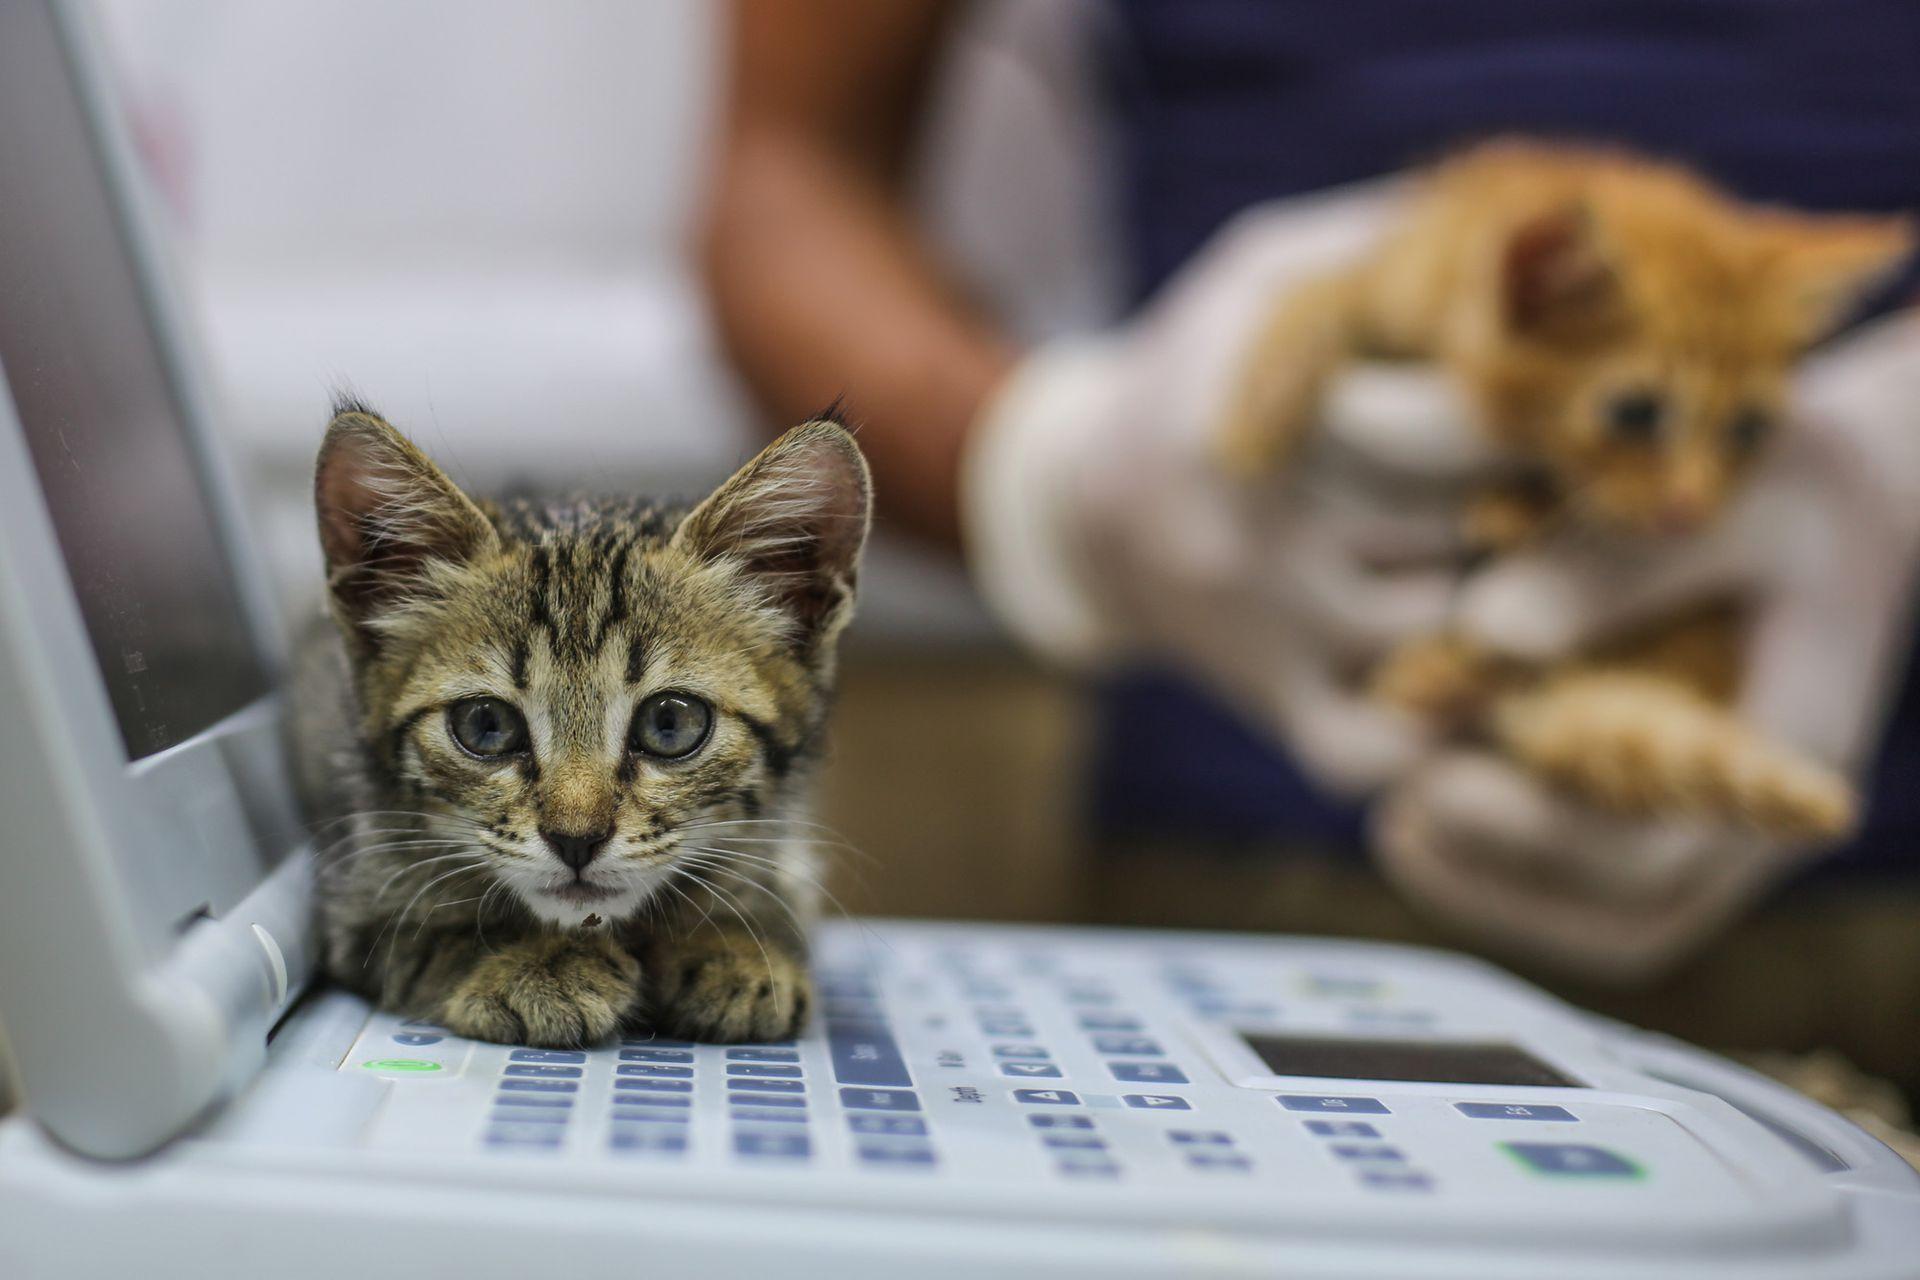 Con el tiempo su trabajo compasivo con los gatos se volvió viral